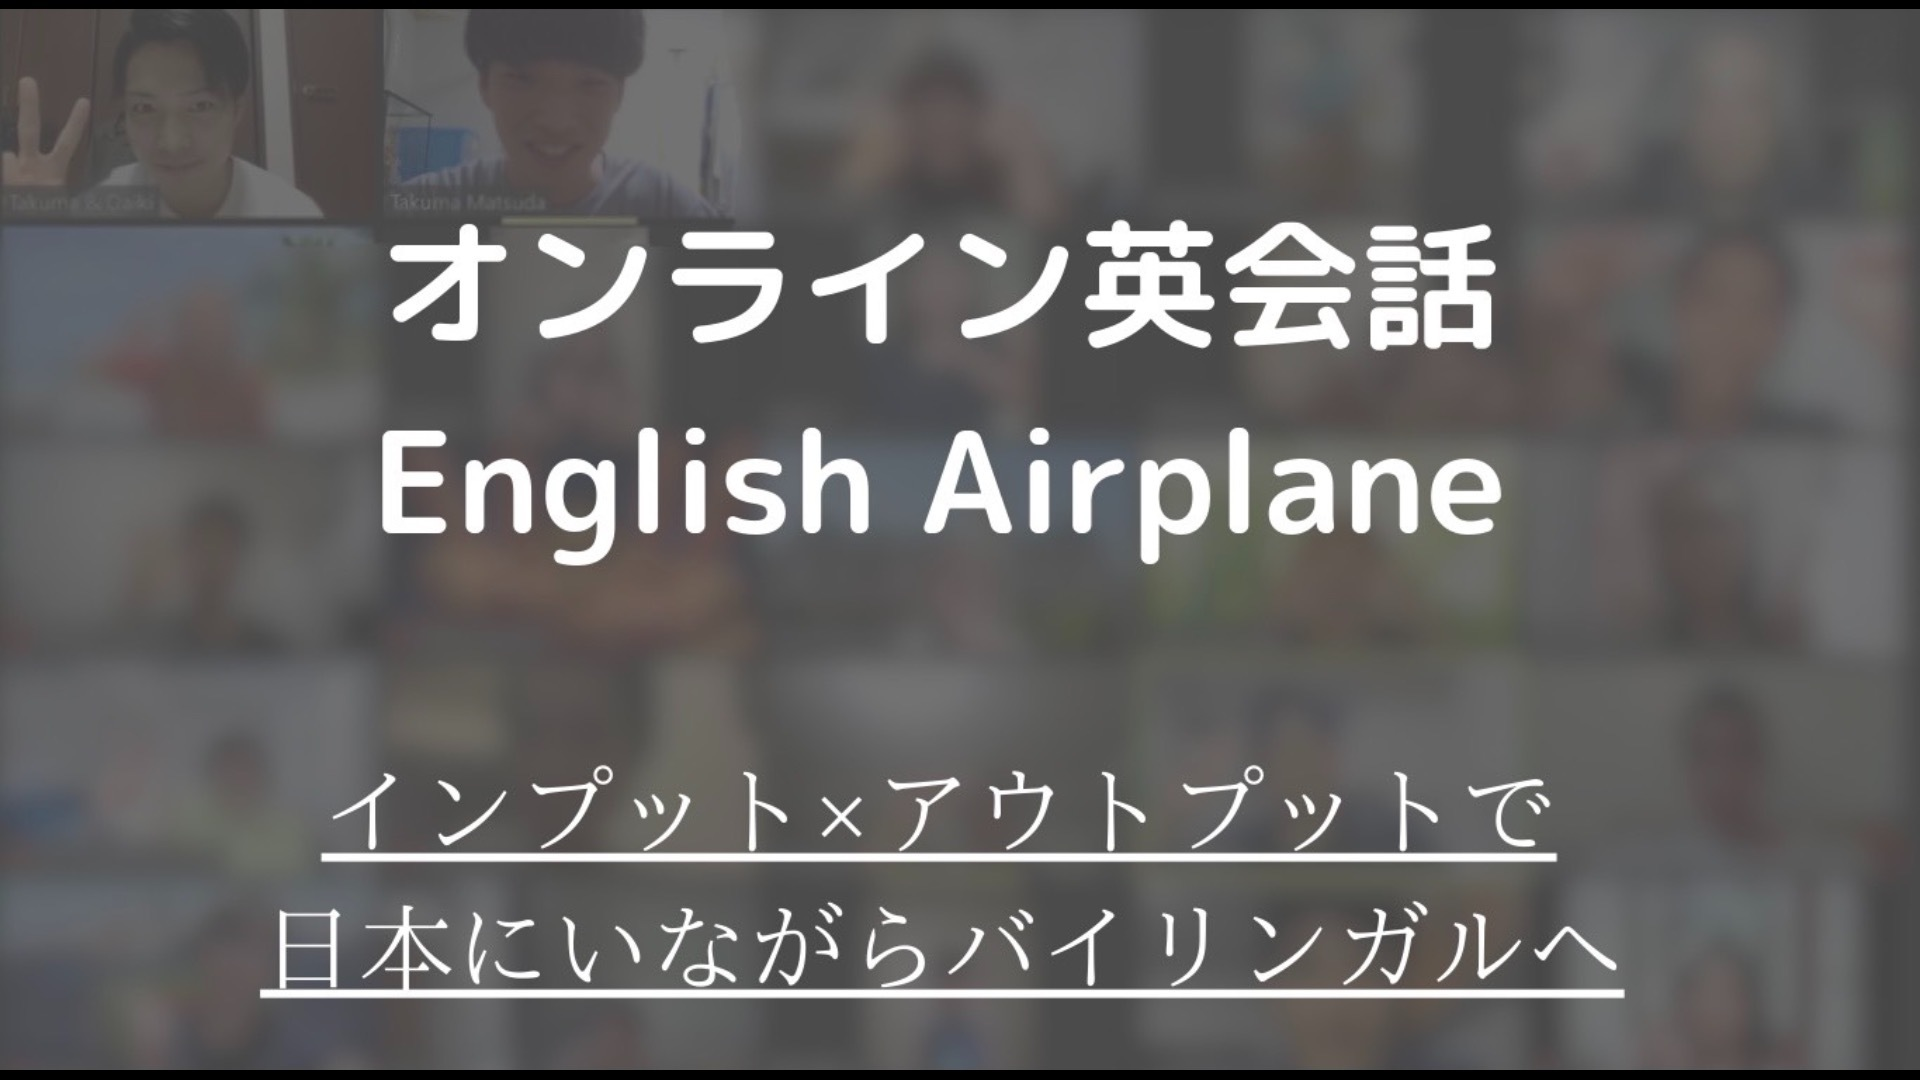 オンライン英会話 English Airplane